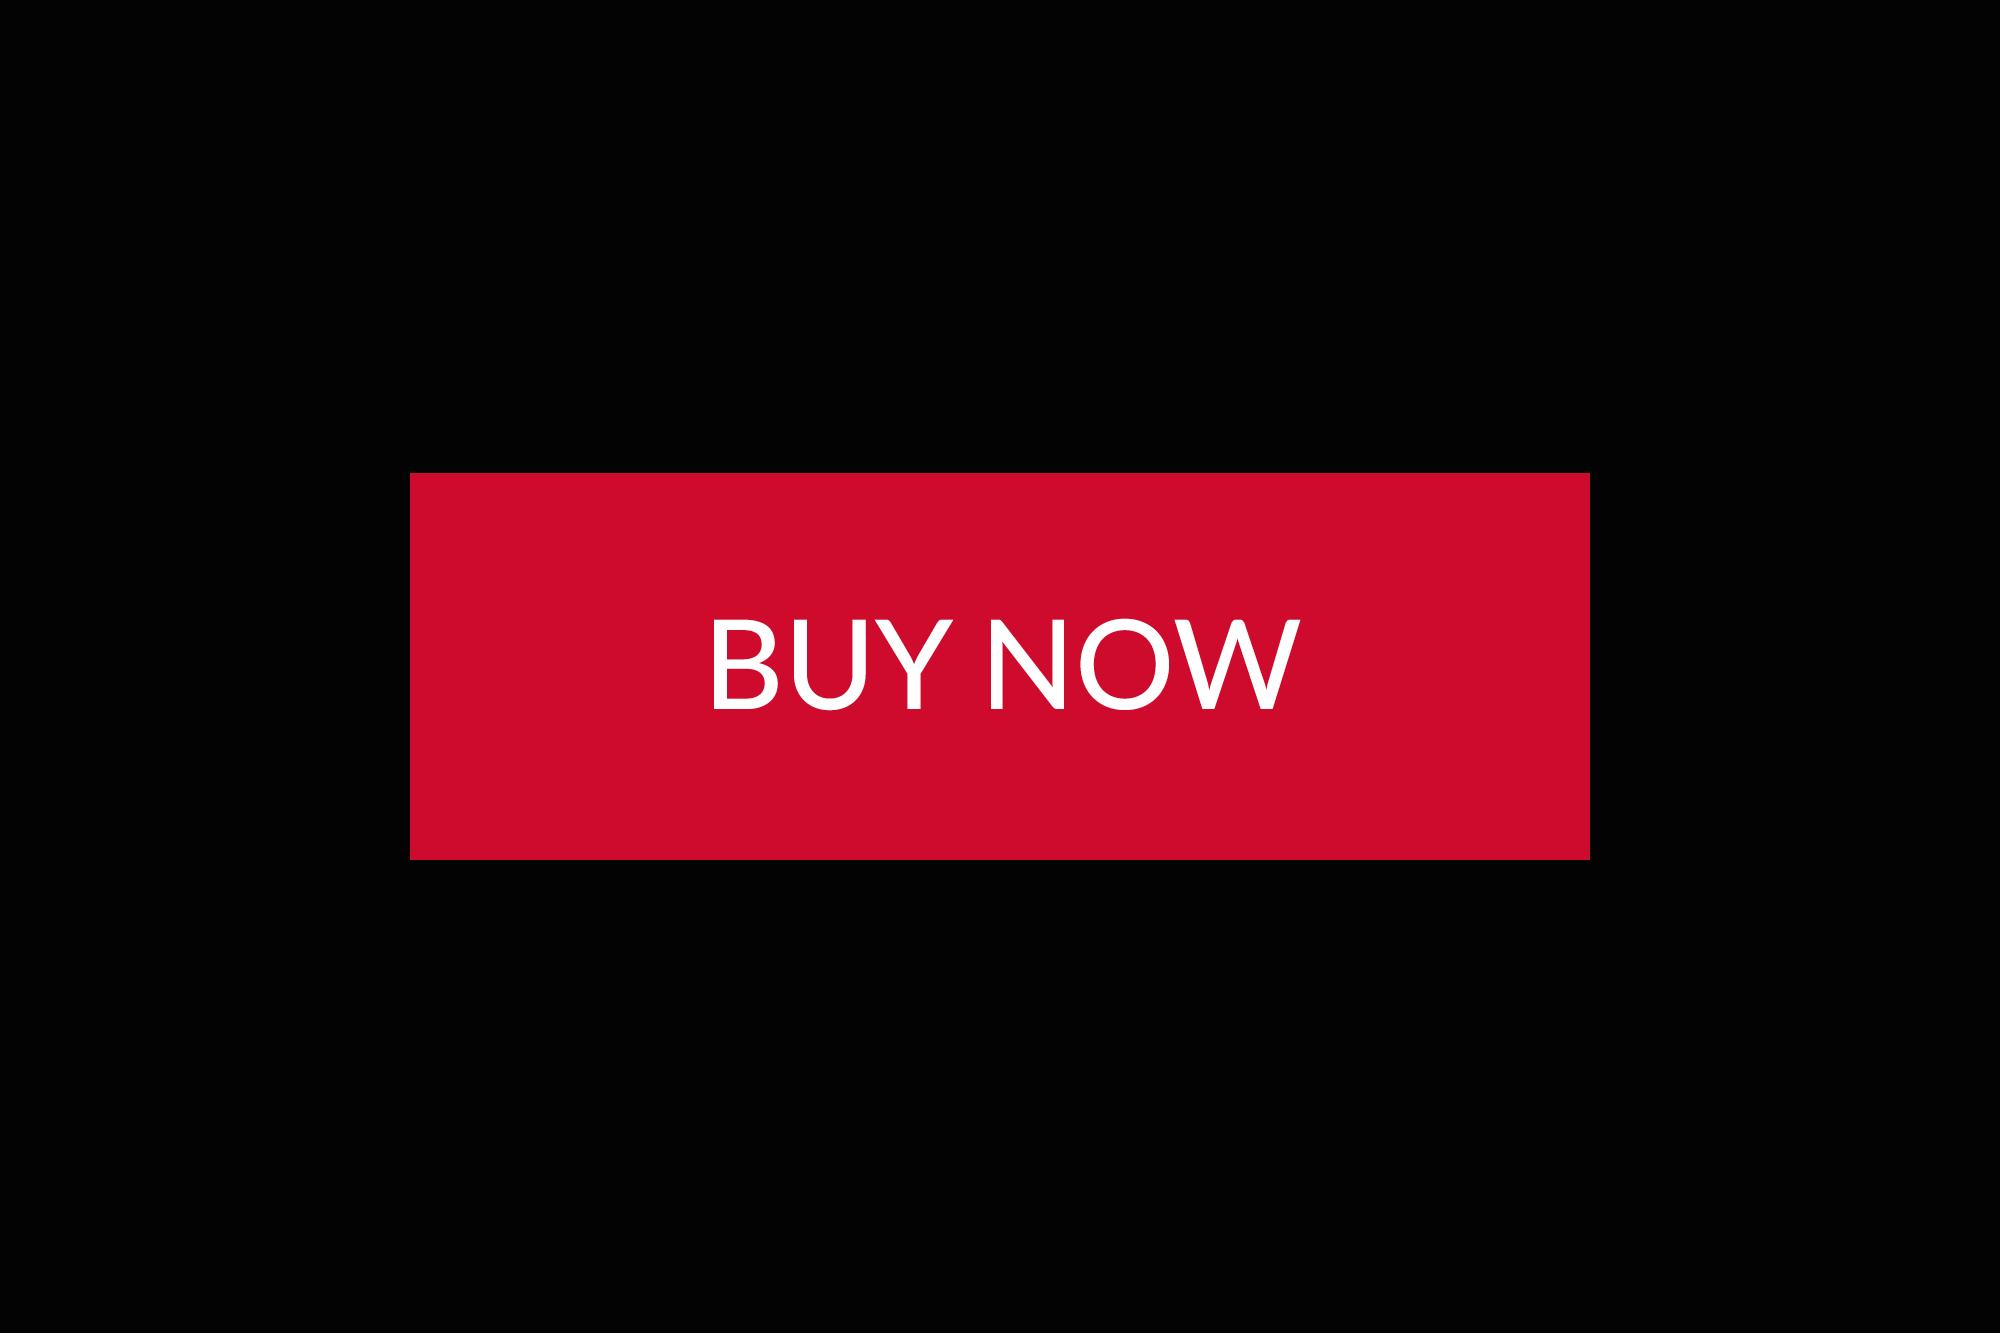 E Commerce Web Design Buy Now Button